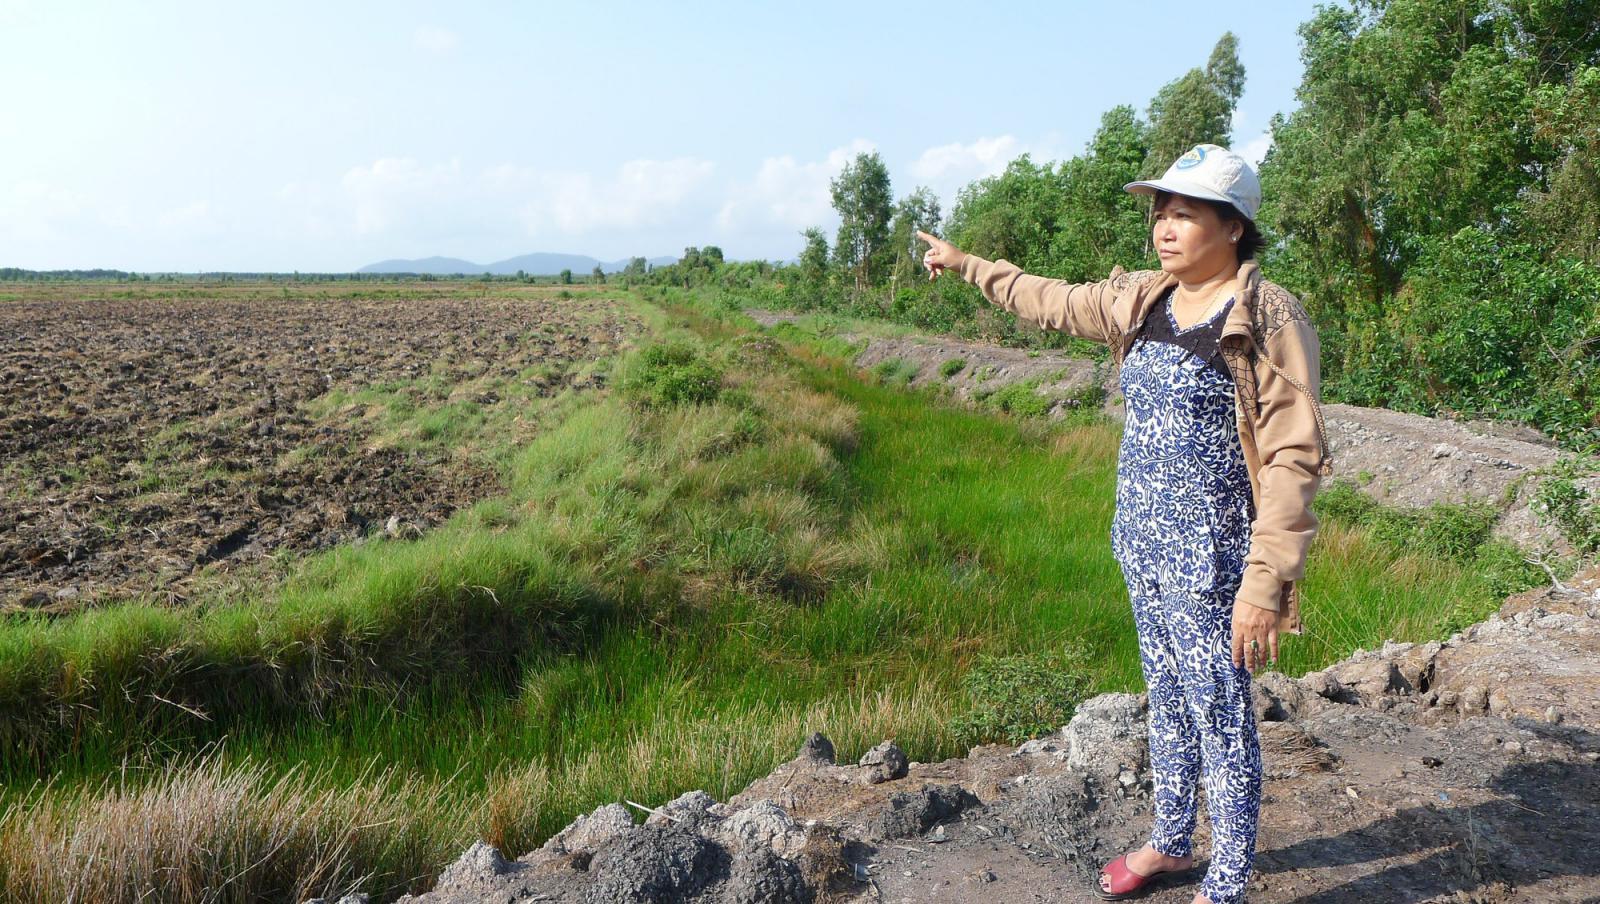 một người phụ nữ đứng chỉ tay ra khu đất trống